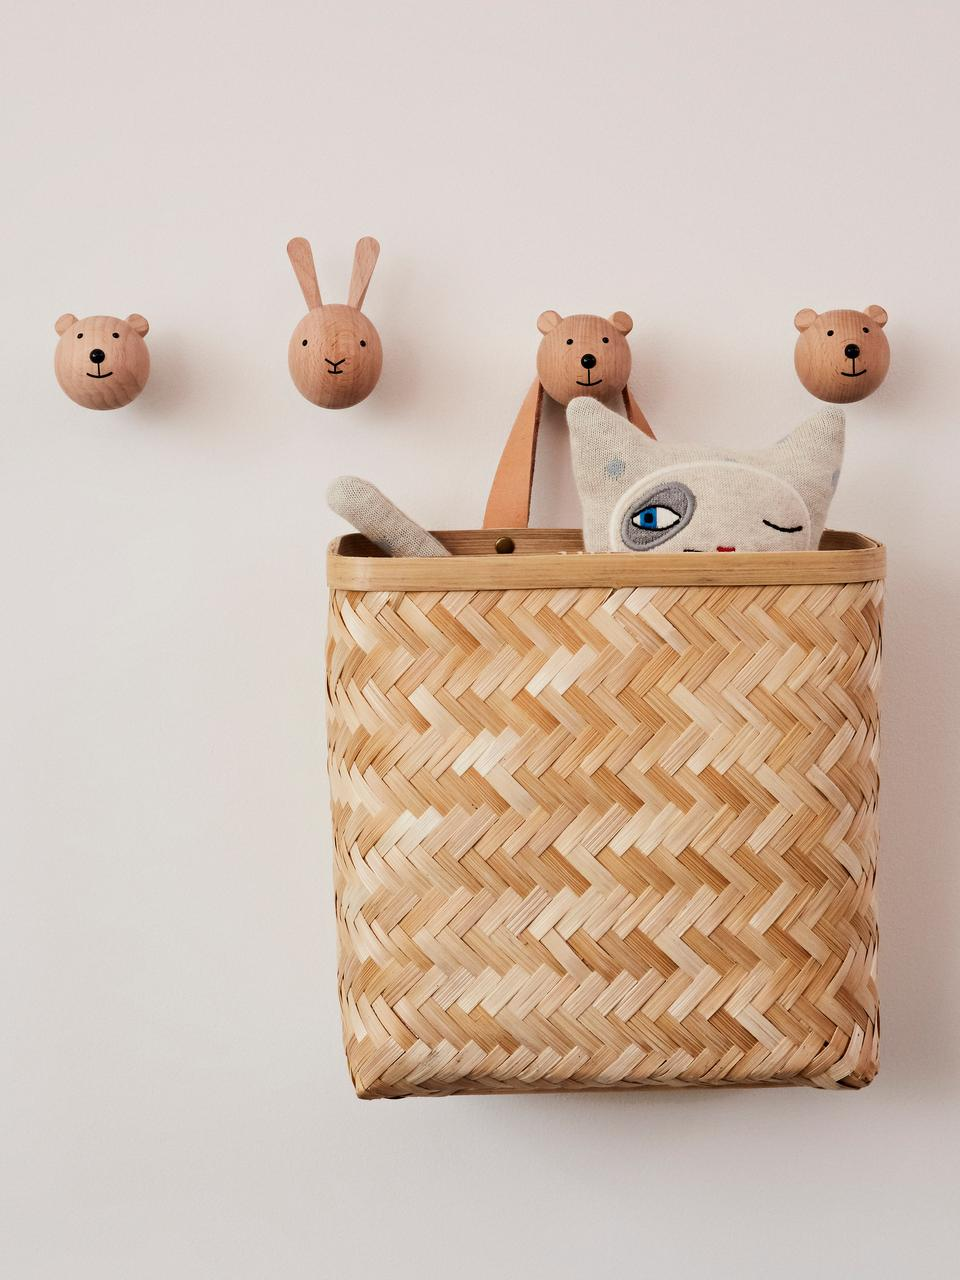 Wandhaken Bear aus Buchenholz, Buchenholz, Holz, Schwarz, 5 x 5 cm